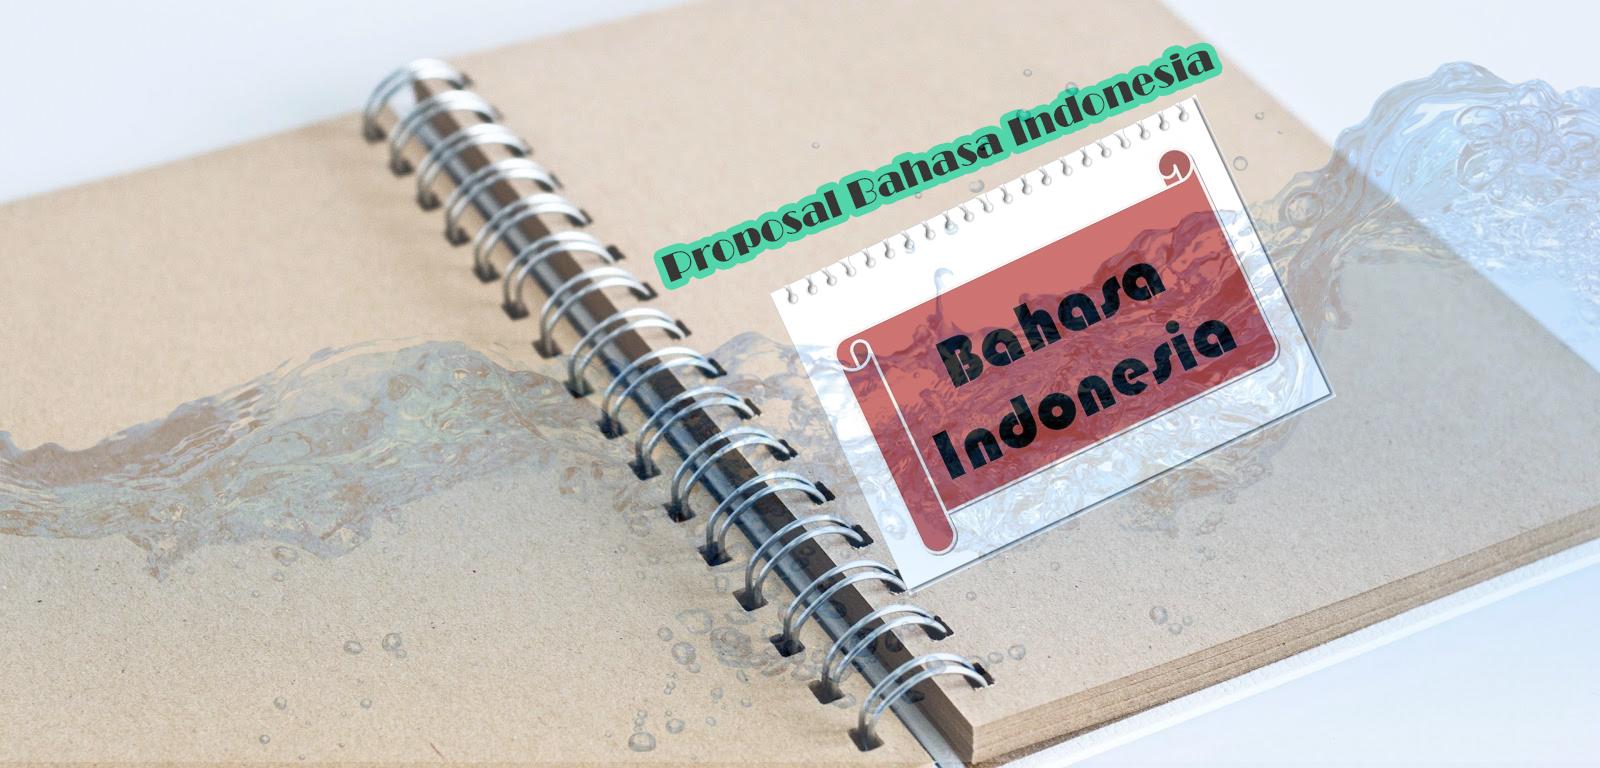 Contoh Proposal Penganggaran Kegiatan Bahasa Indonesia